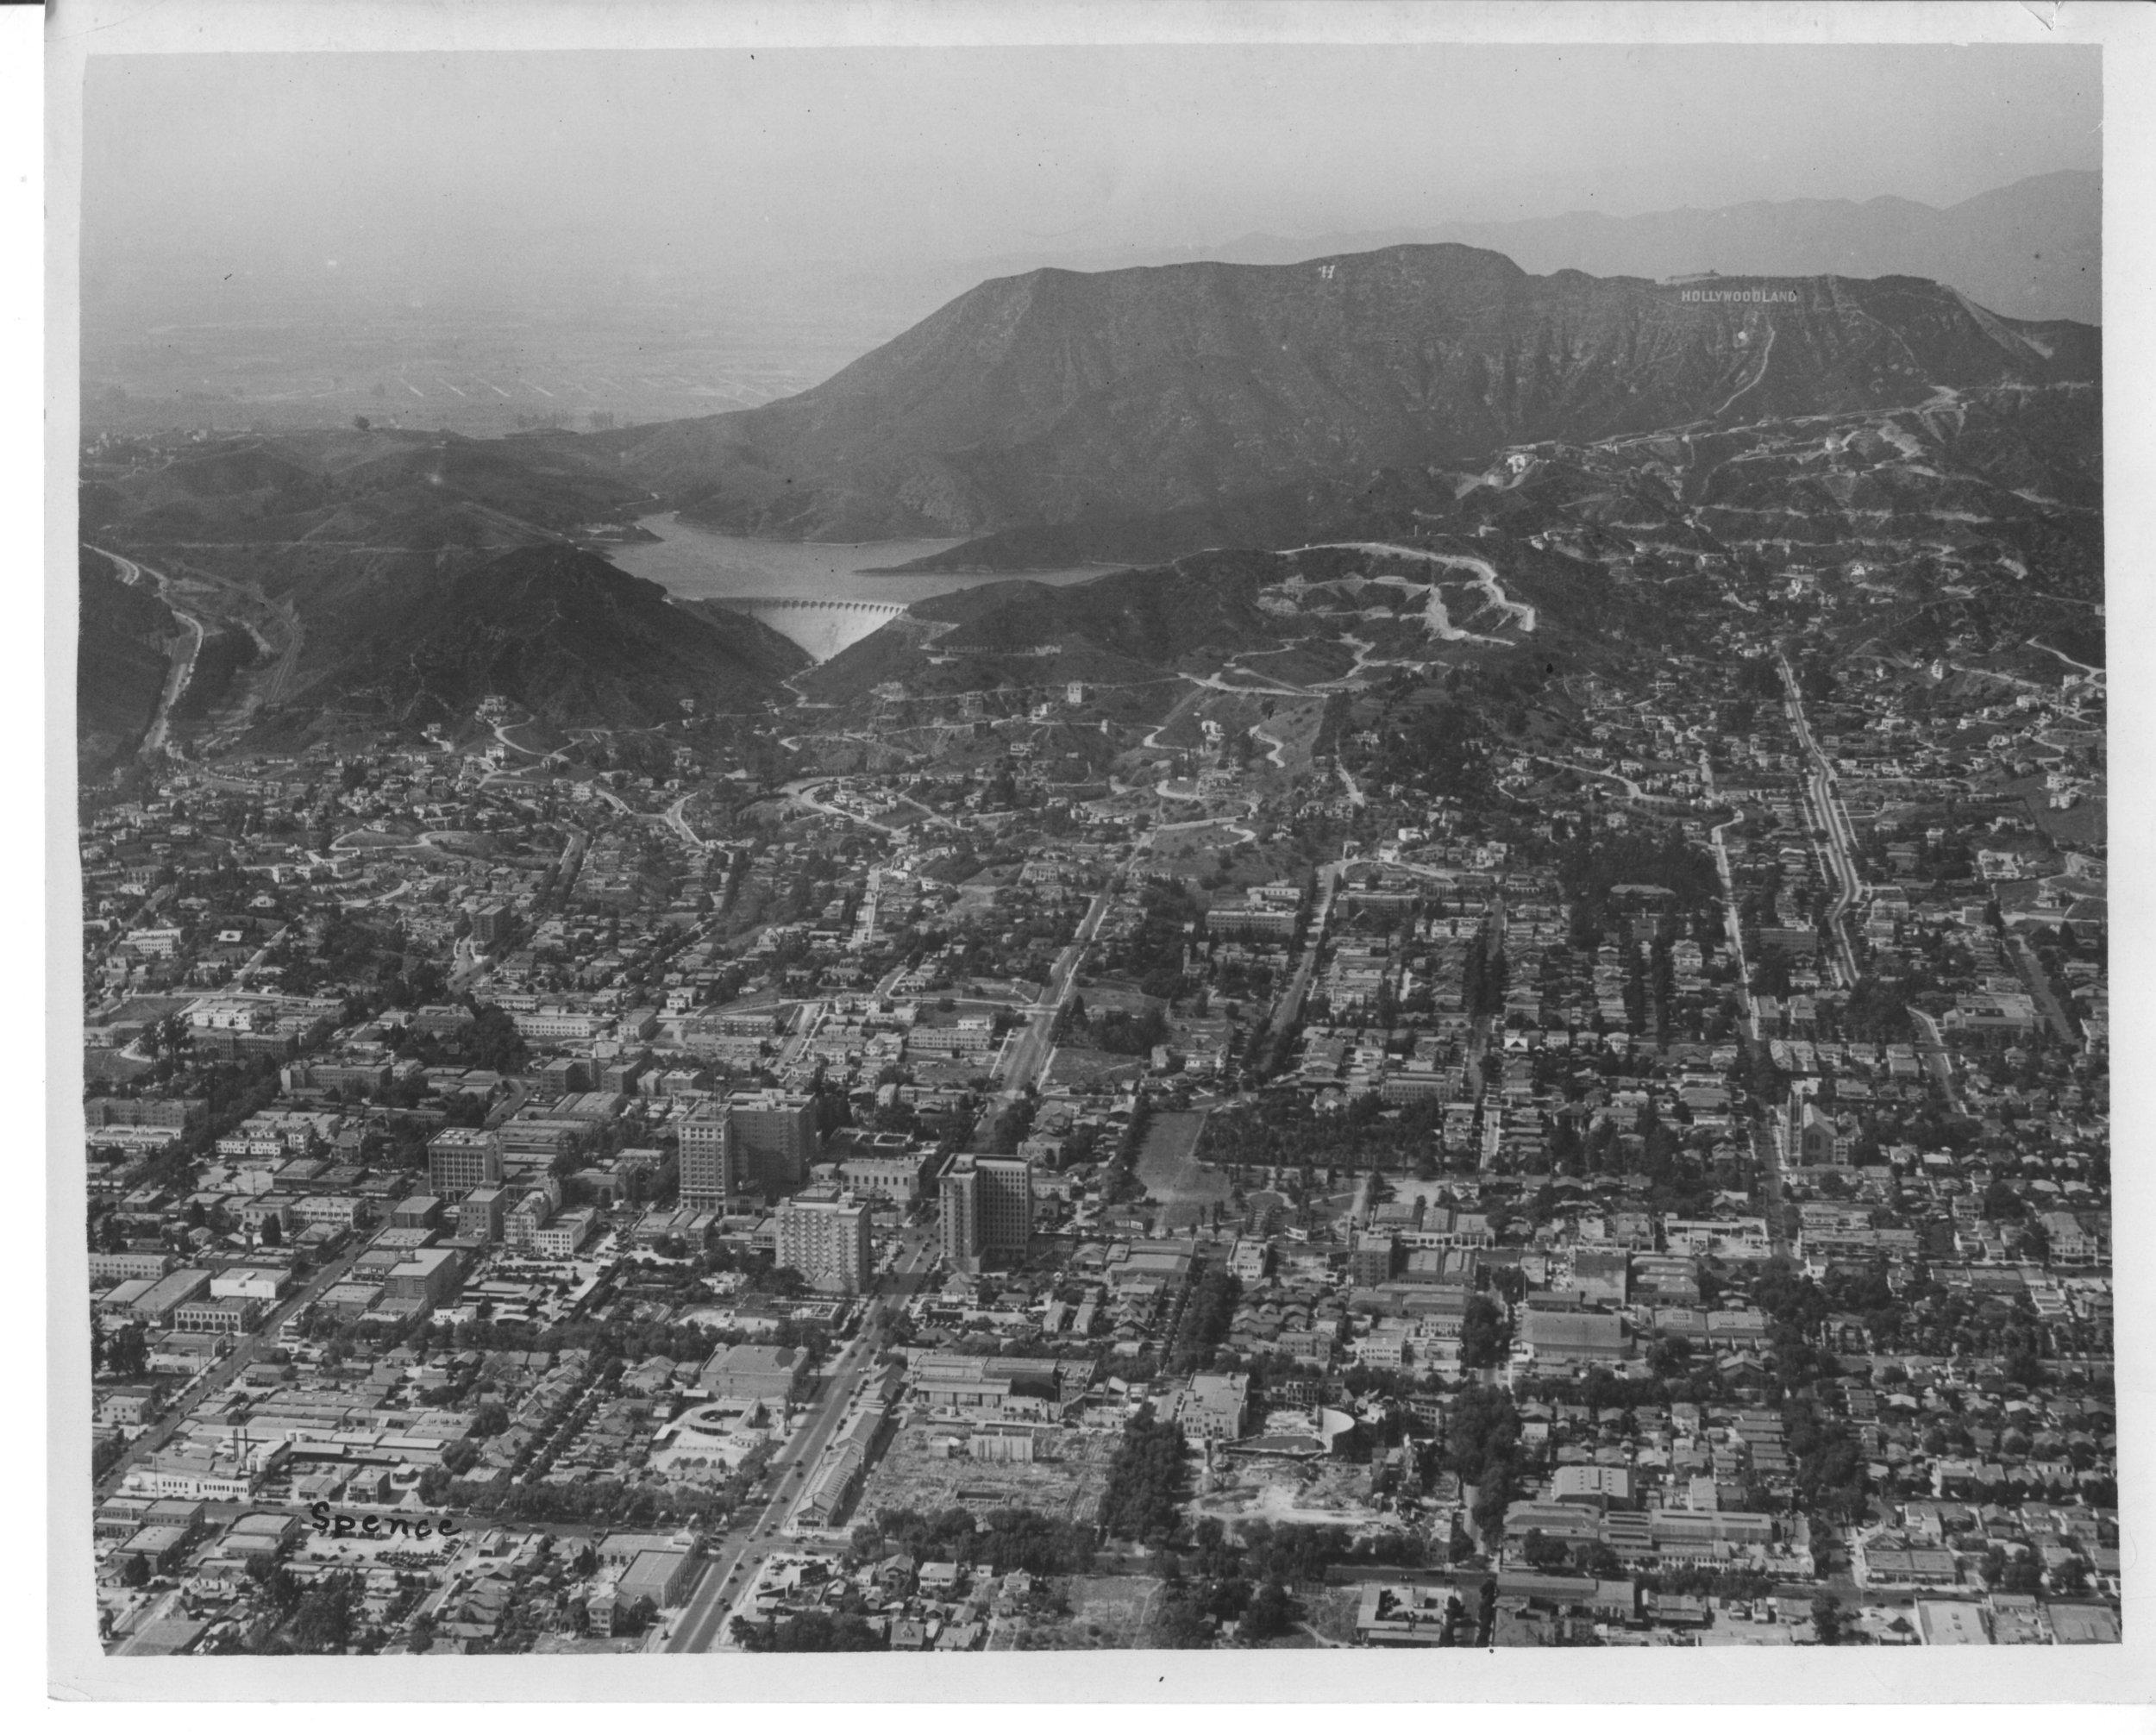 1926 Aerial